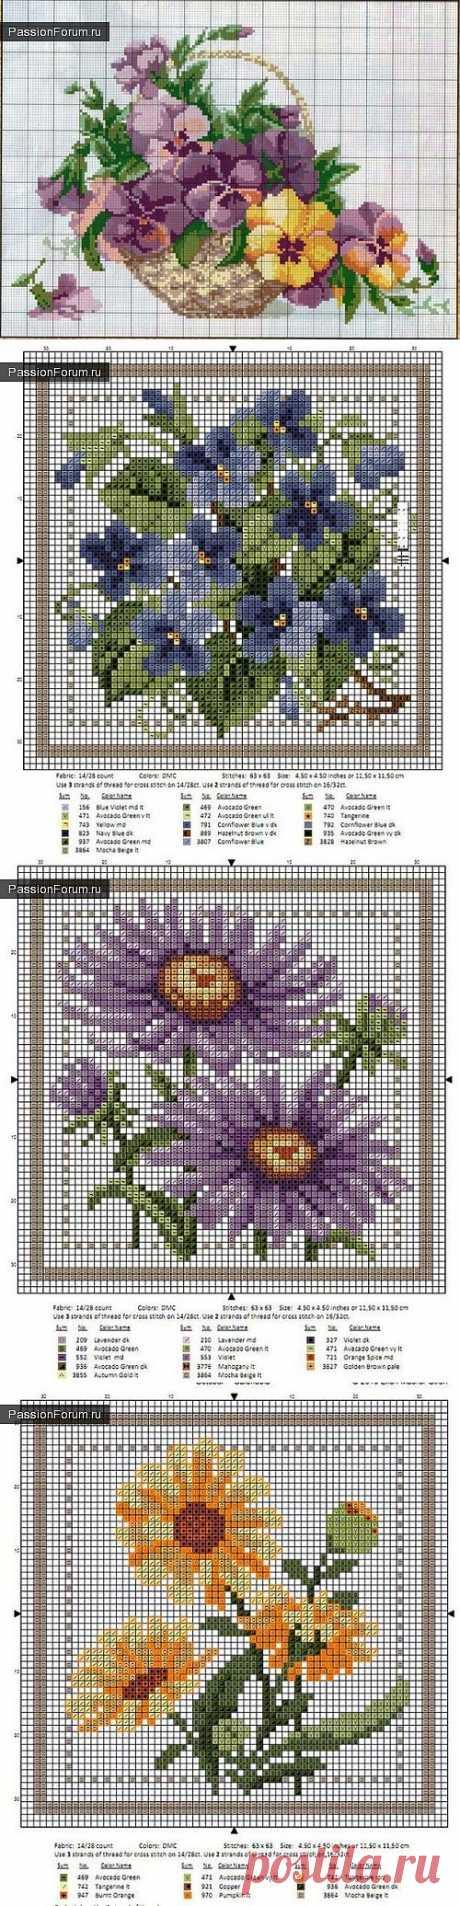 ЦВЕТОЧКИ. ЧАСТЬ 5 / Схемы вышивки крестиком / PassionForum - мастер-классы по рукоделию